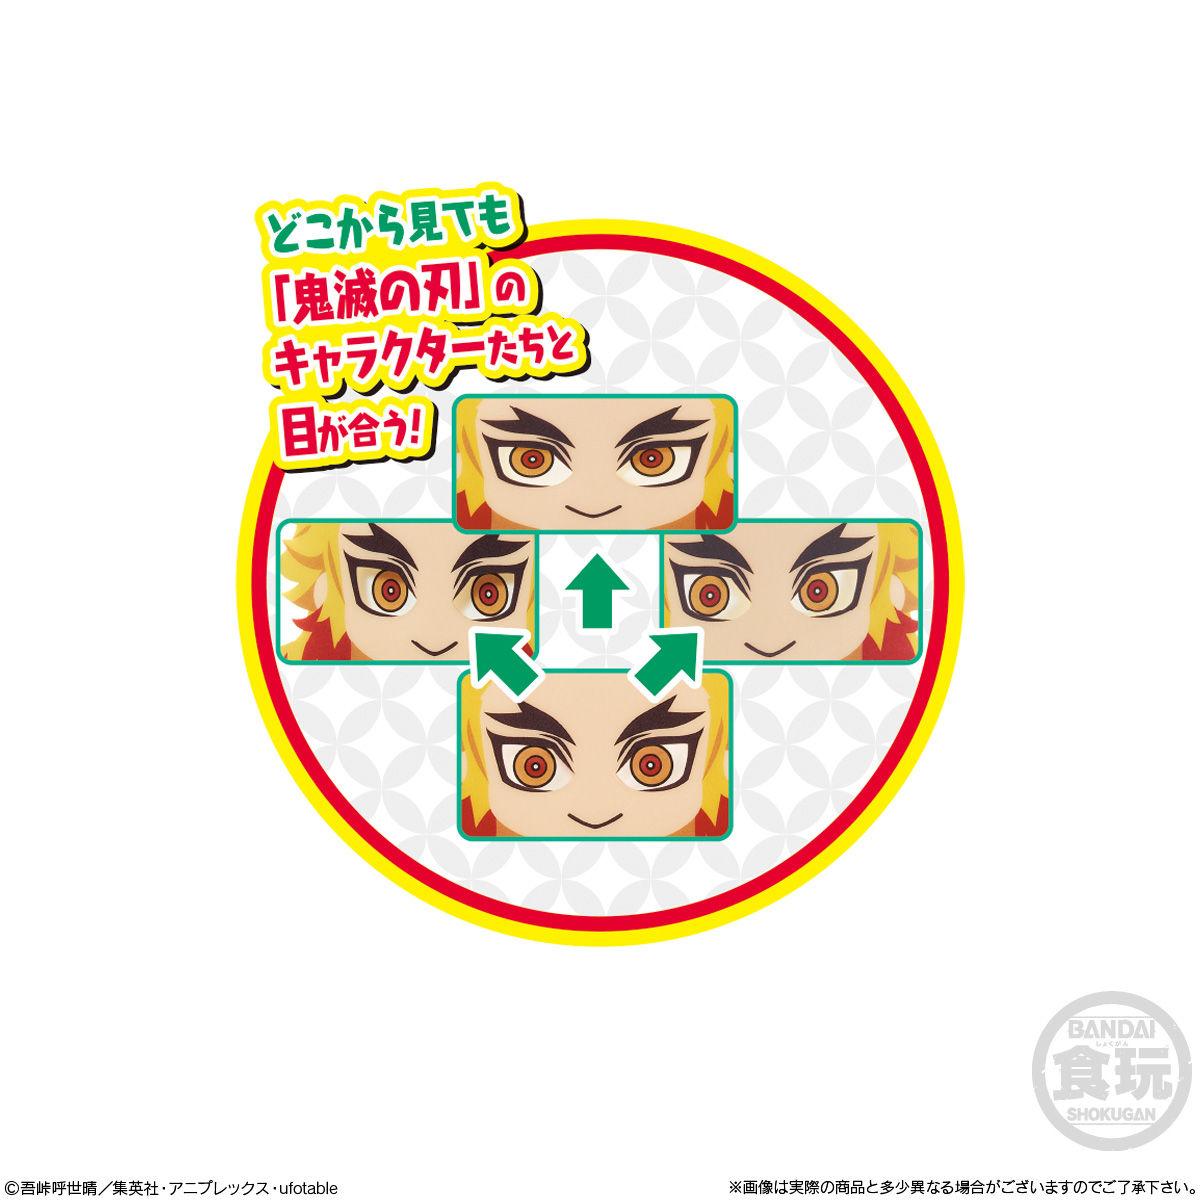 【食玩】鬼滅の刃『全員集中!みつめてアクリルチャーム2』8個入りBOX-002